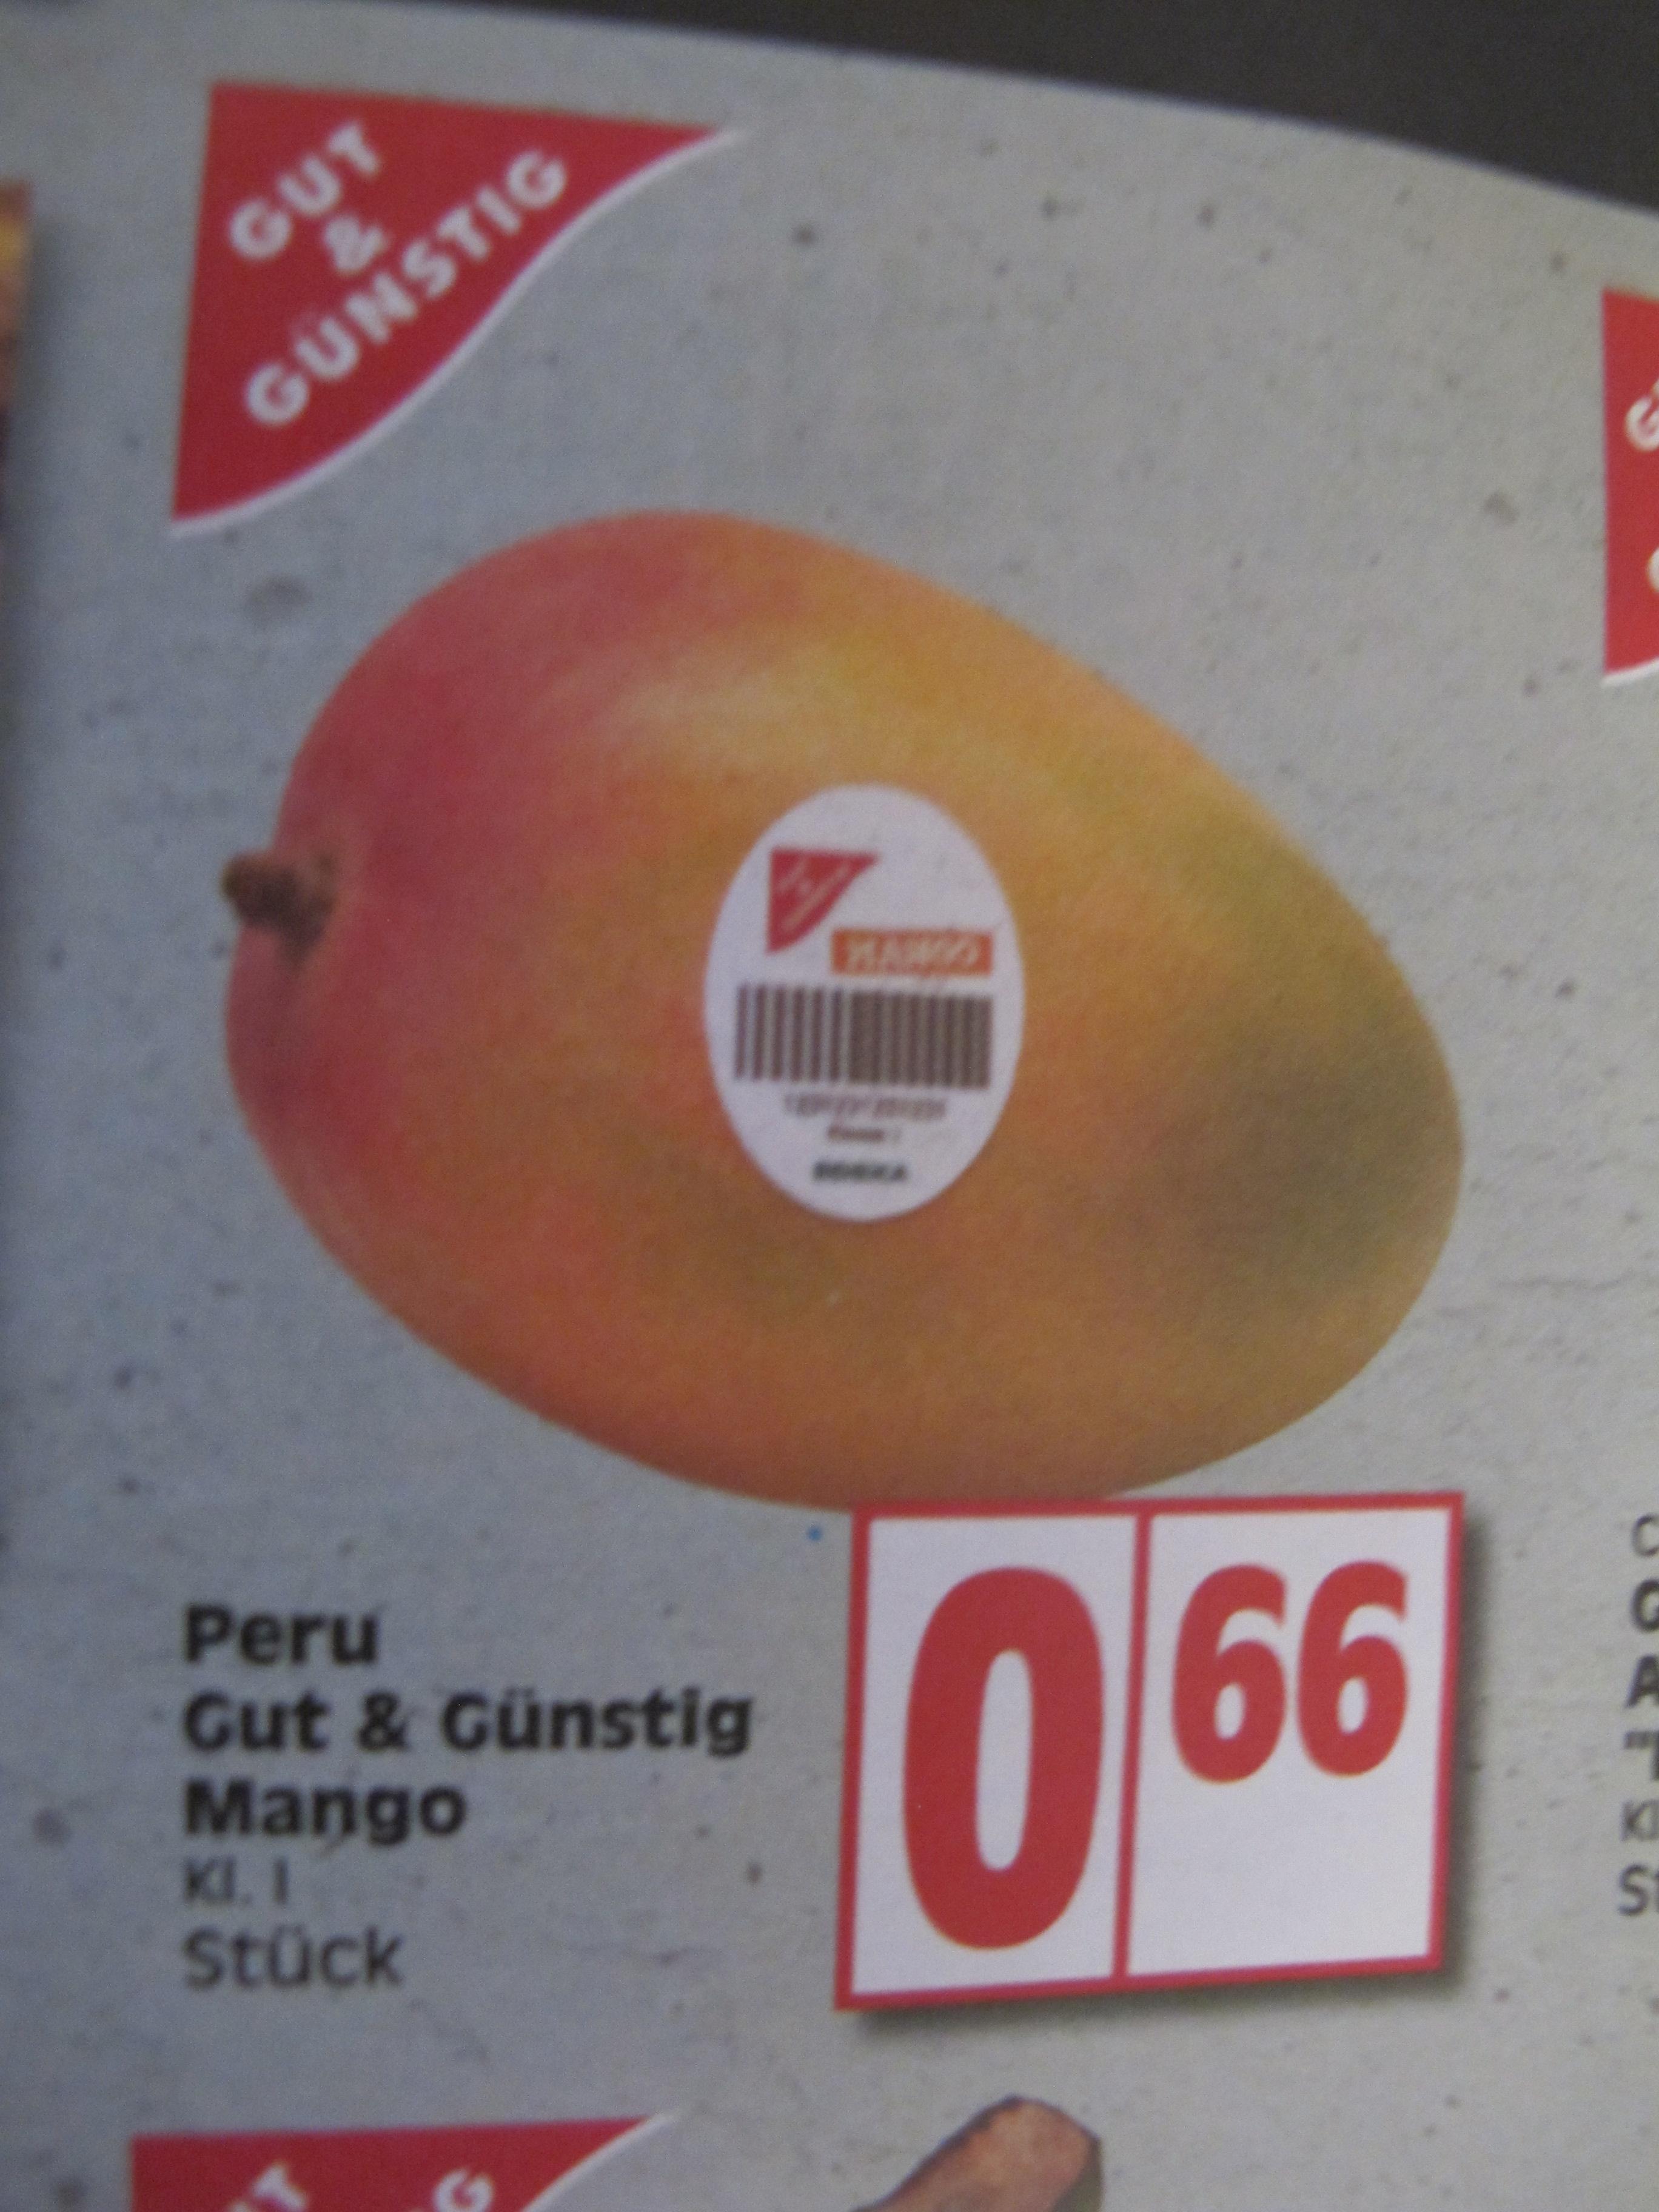 Mango für 66 Cent bei EDEKA in Berlin